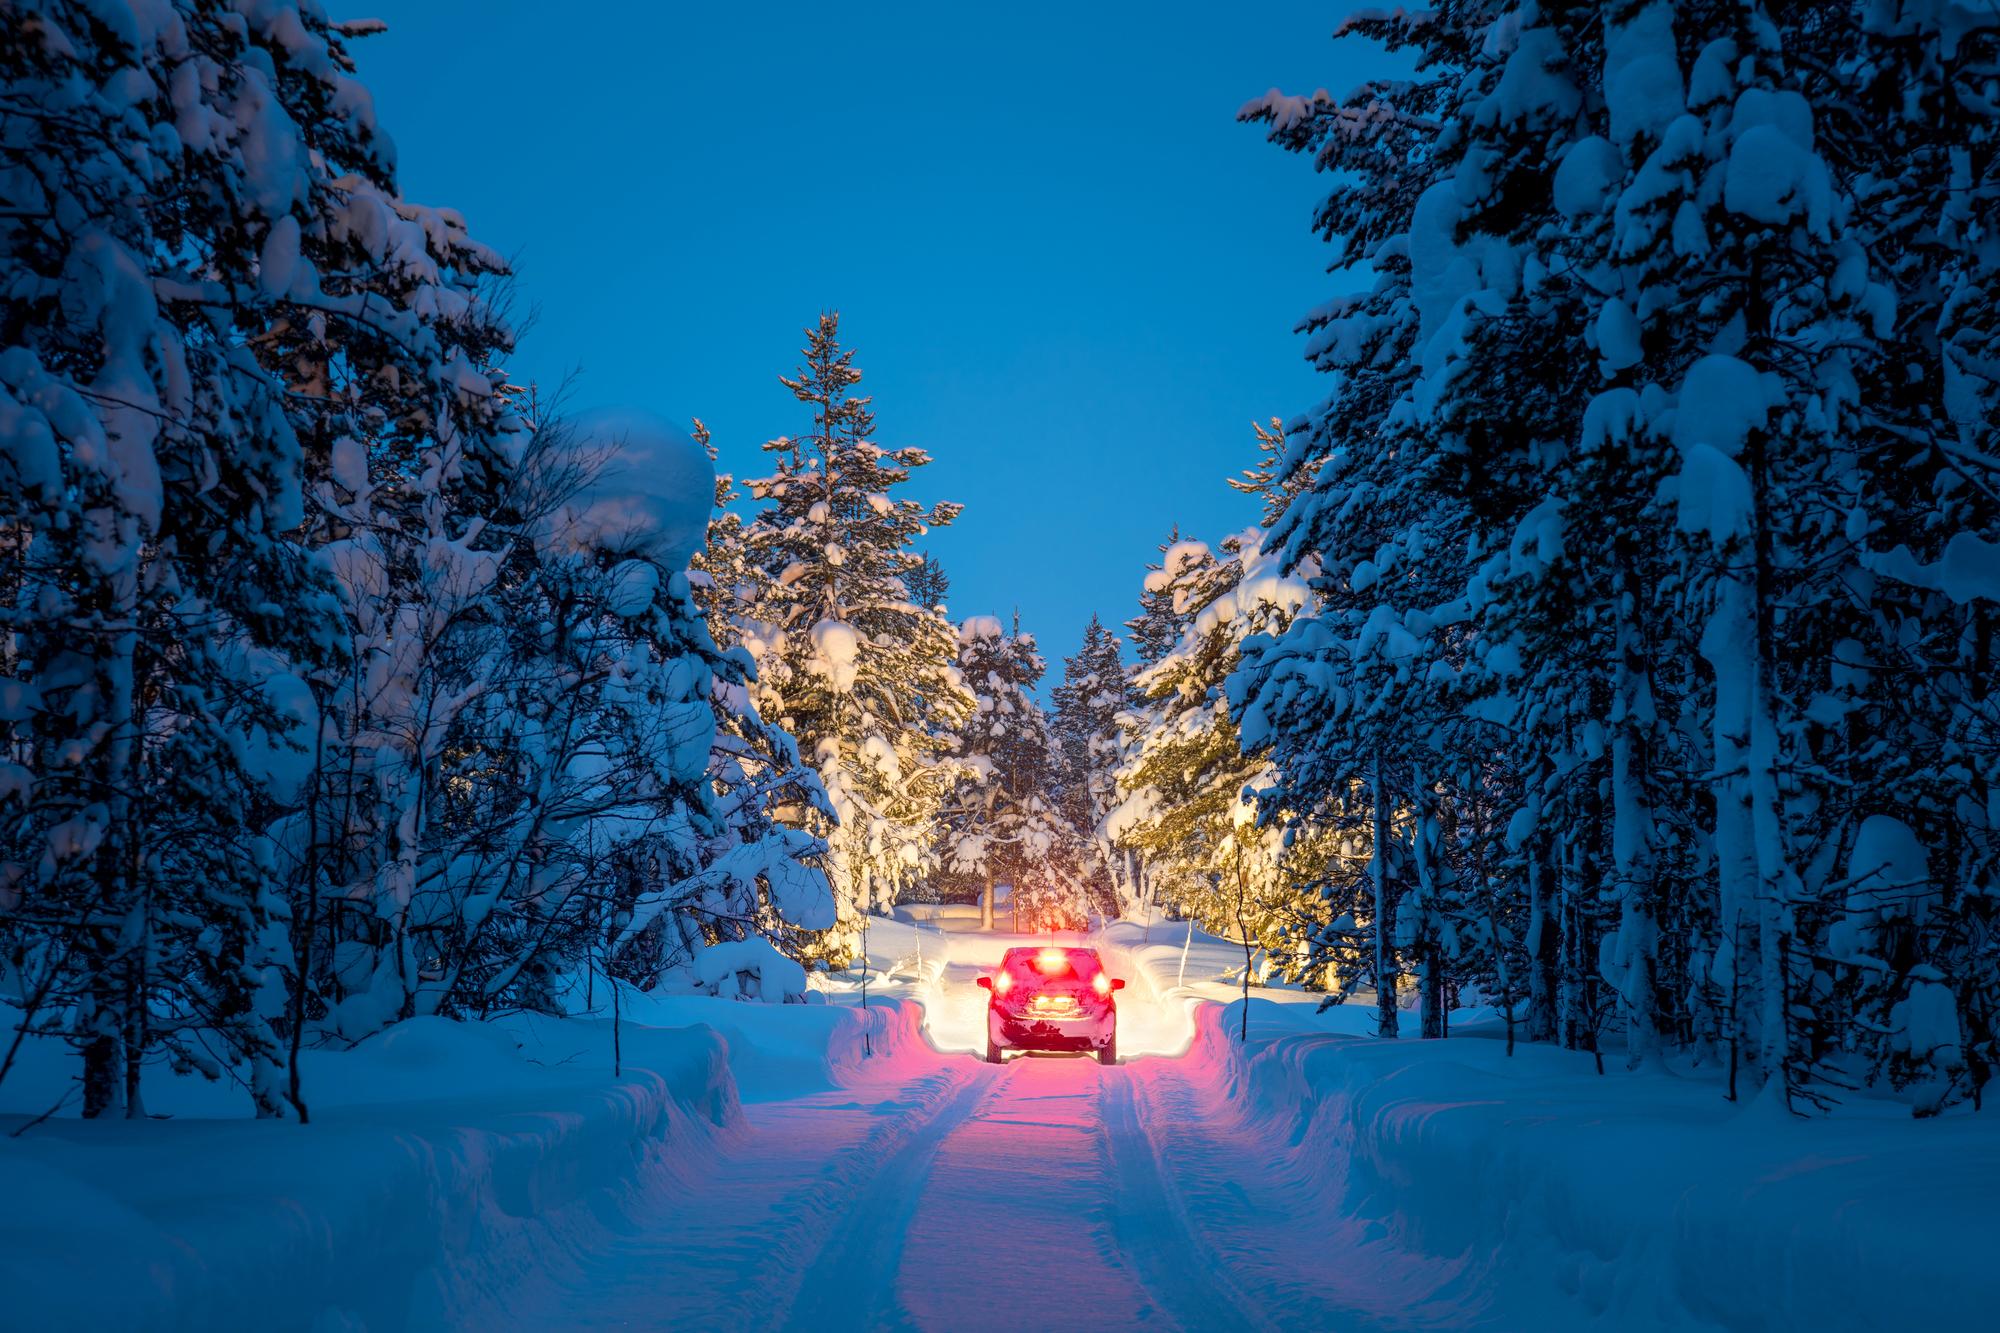 雪道走行の豆知識とアフターメンテ編♪車でスキー&スノボに行くなら必見!安全な雪道ドライブの為に♪